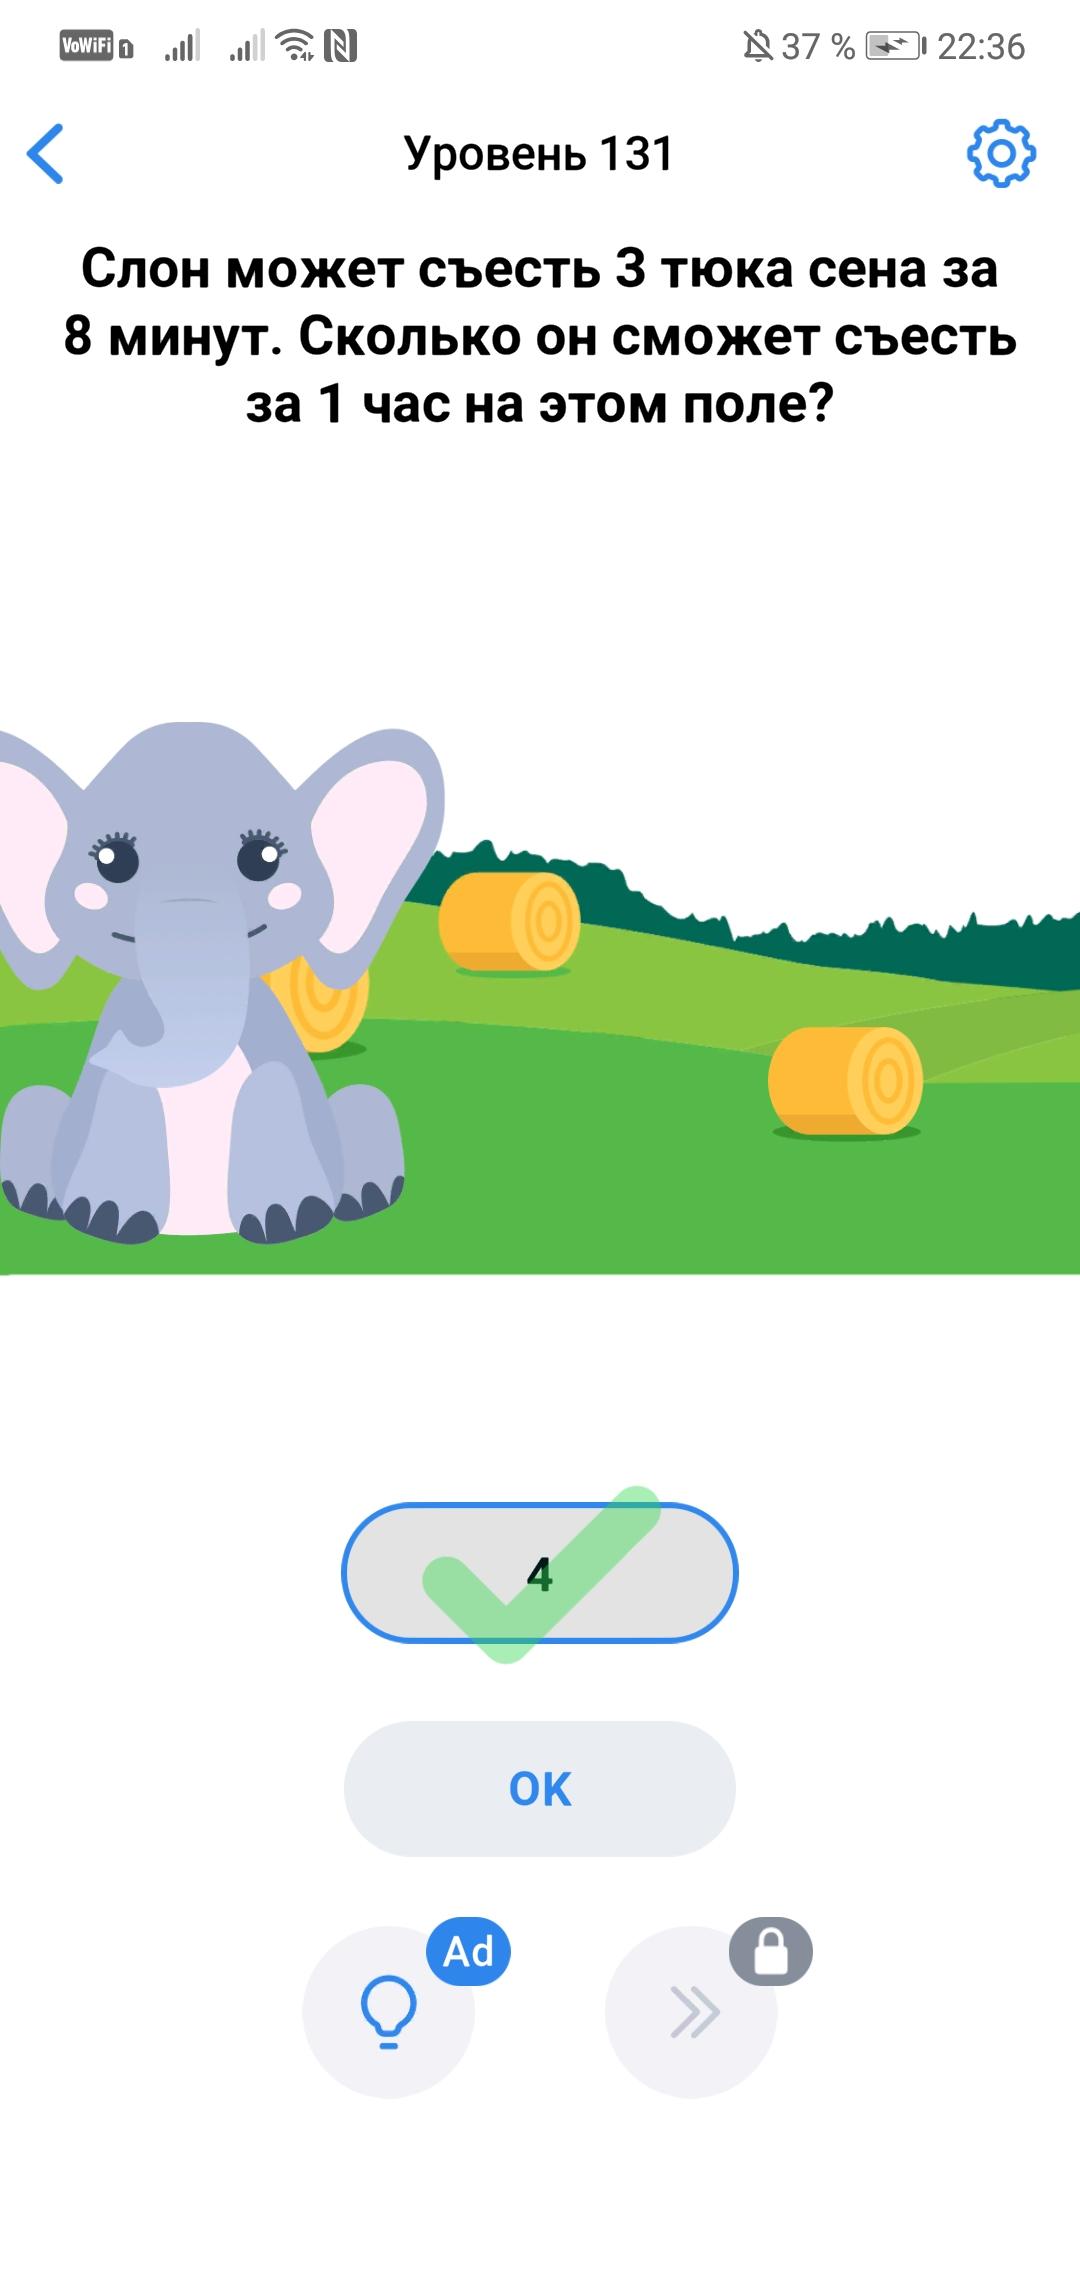 Easy Game - 131 уровень - Слон может съесть 3 тюка сена за 8 минут. Сколько он сможет съесть за 1 час на этом поле?